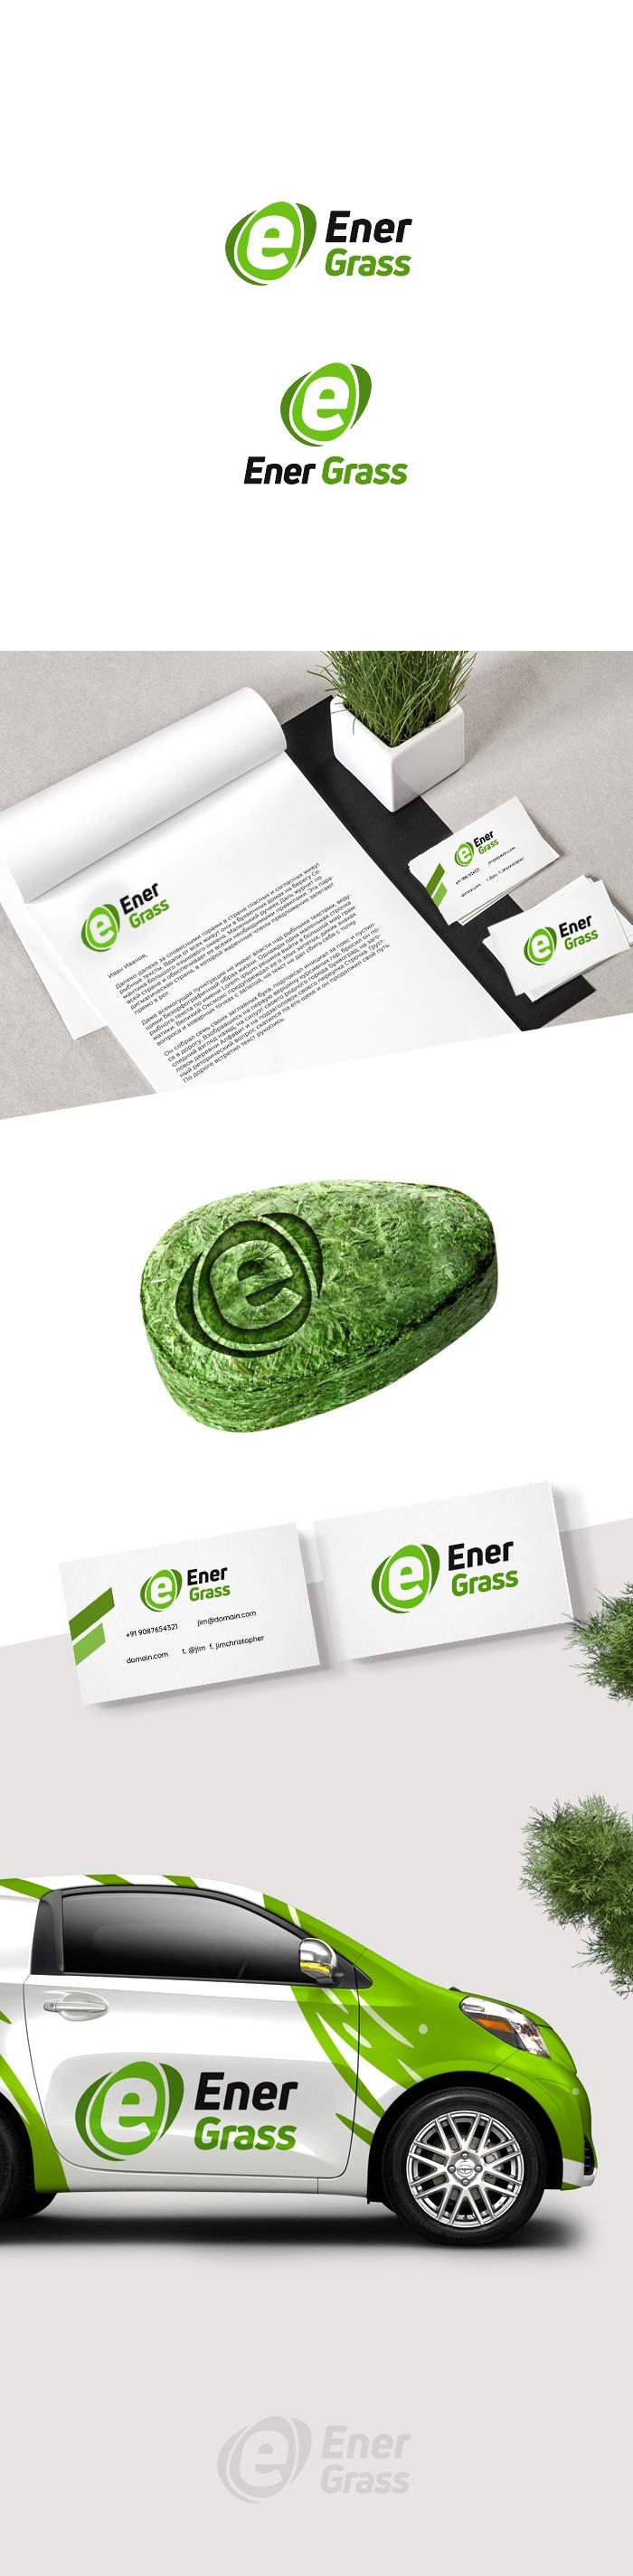 Графический дизайнер для создания логотипа Energrass. фото f_7965f8d930c235f1.jpg